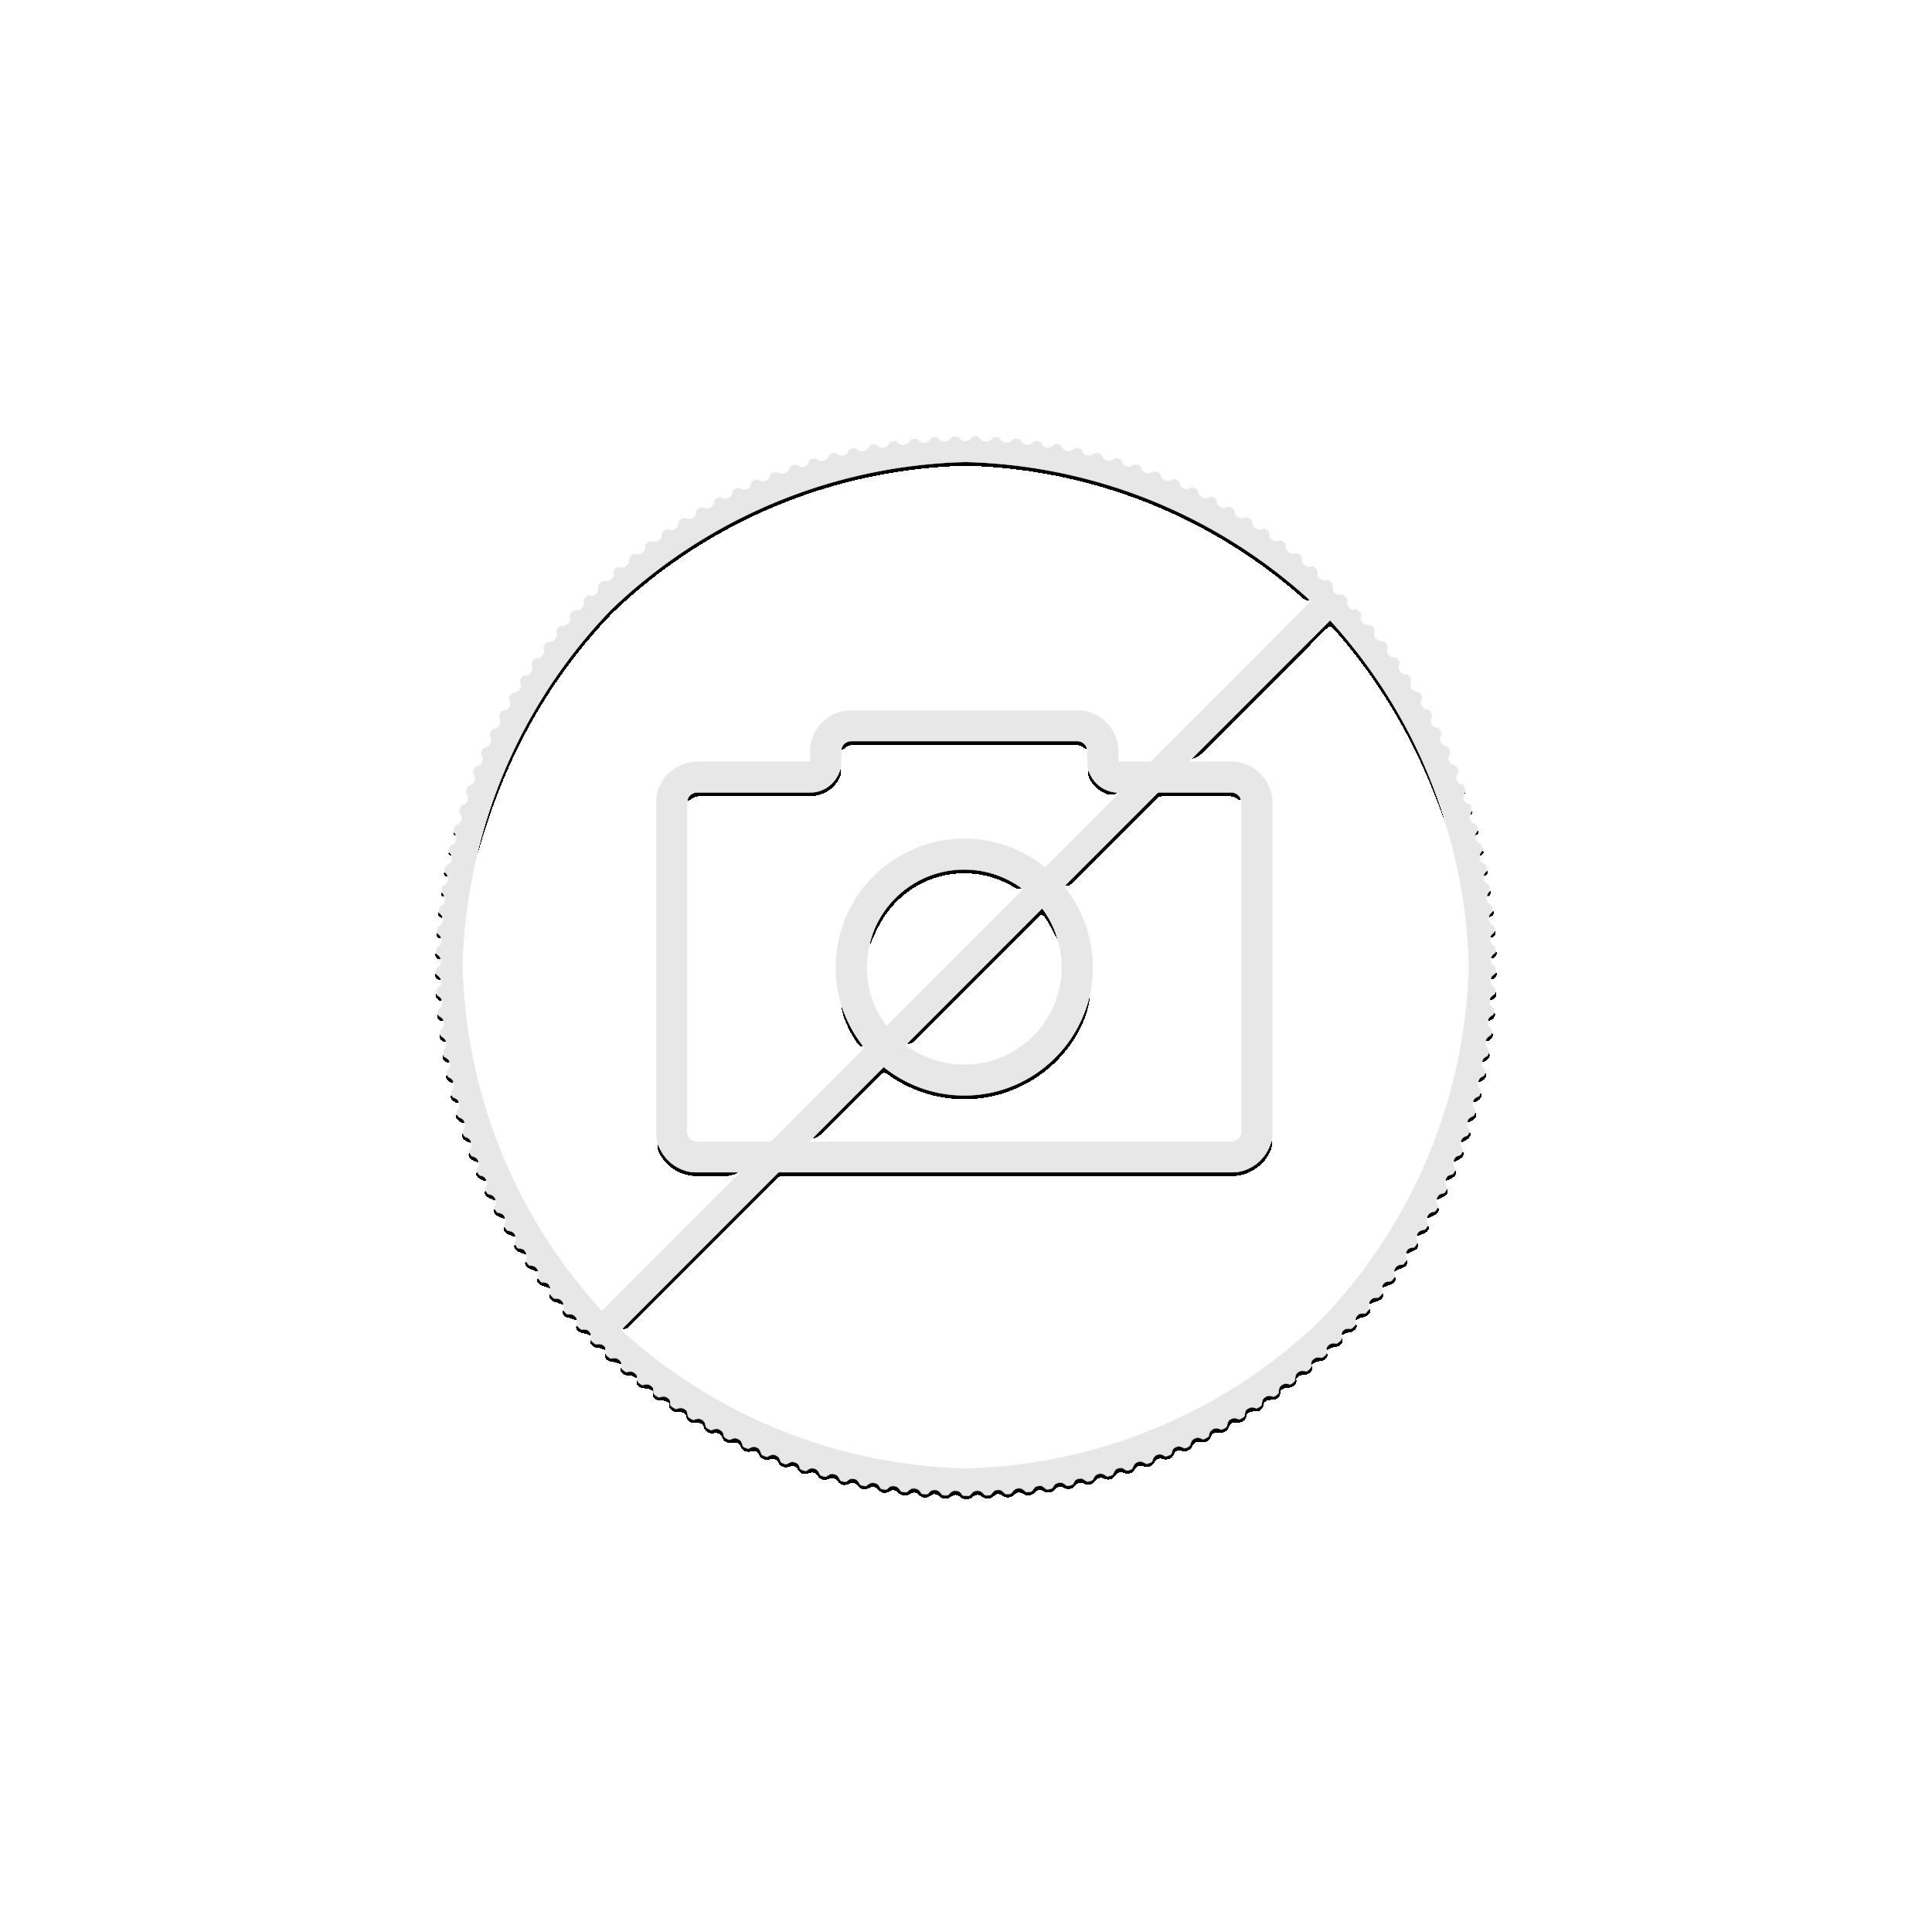 Maple Leaf munt 2014 zilver ijsbeer